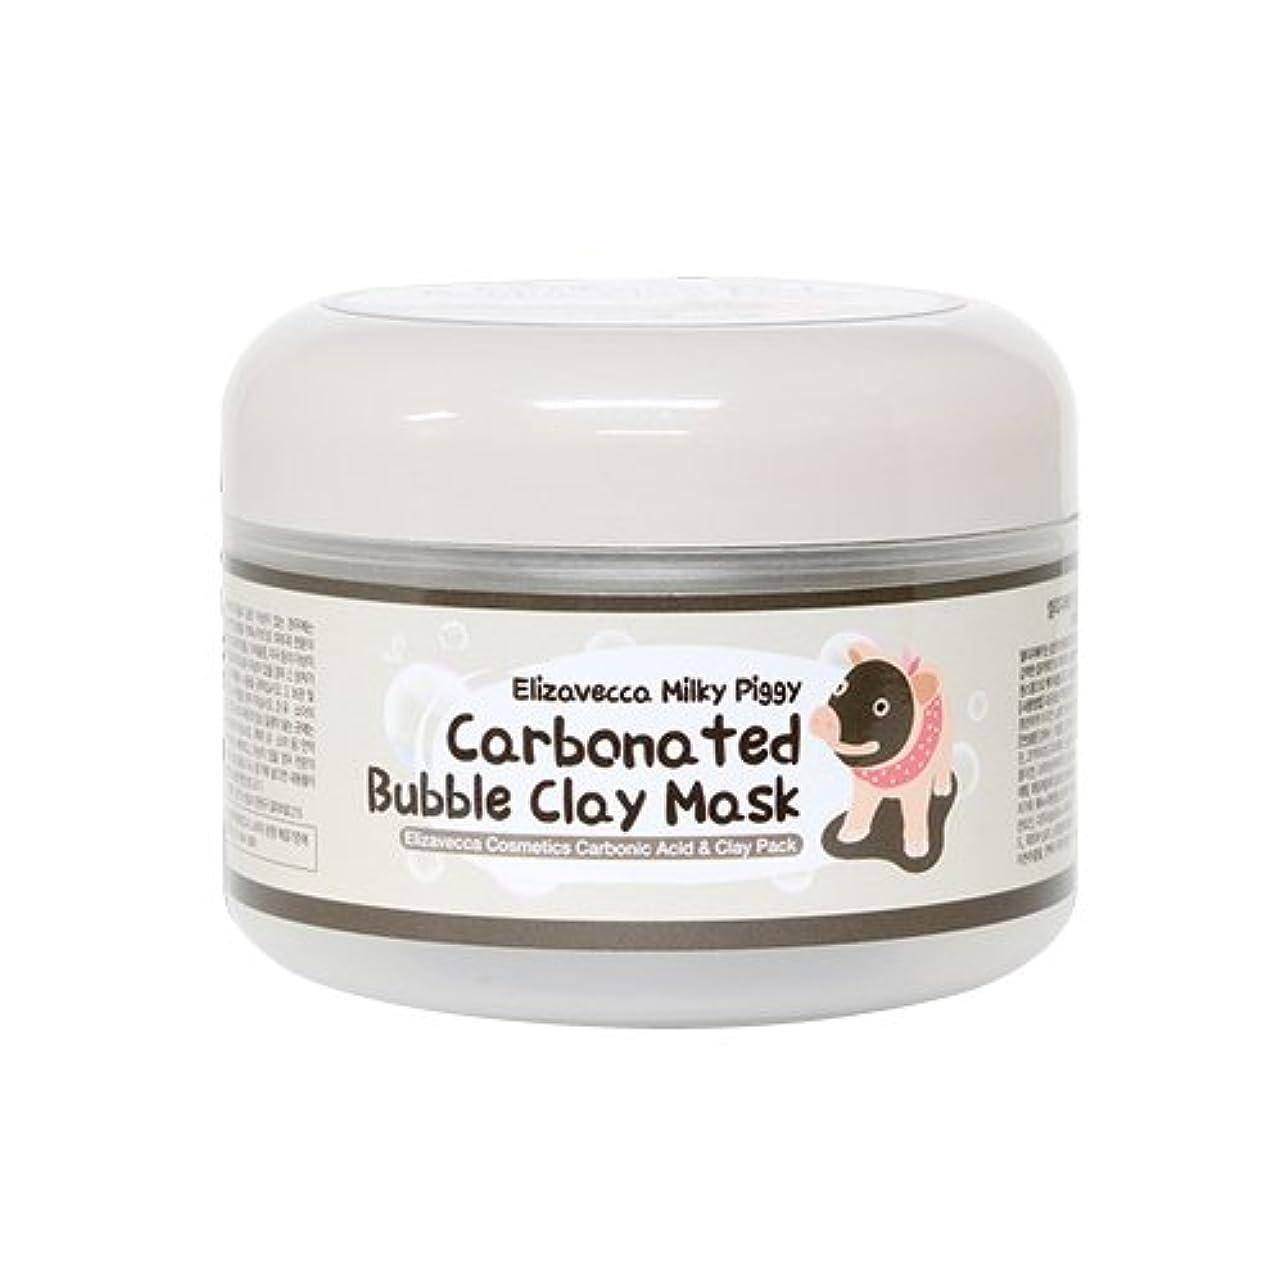 元気有効化ポルティコ[Elizaecca/エリザベカ/SESALO]炭酸バブルクレイマスク/Carbanated bubble clay mask[海外直送品]